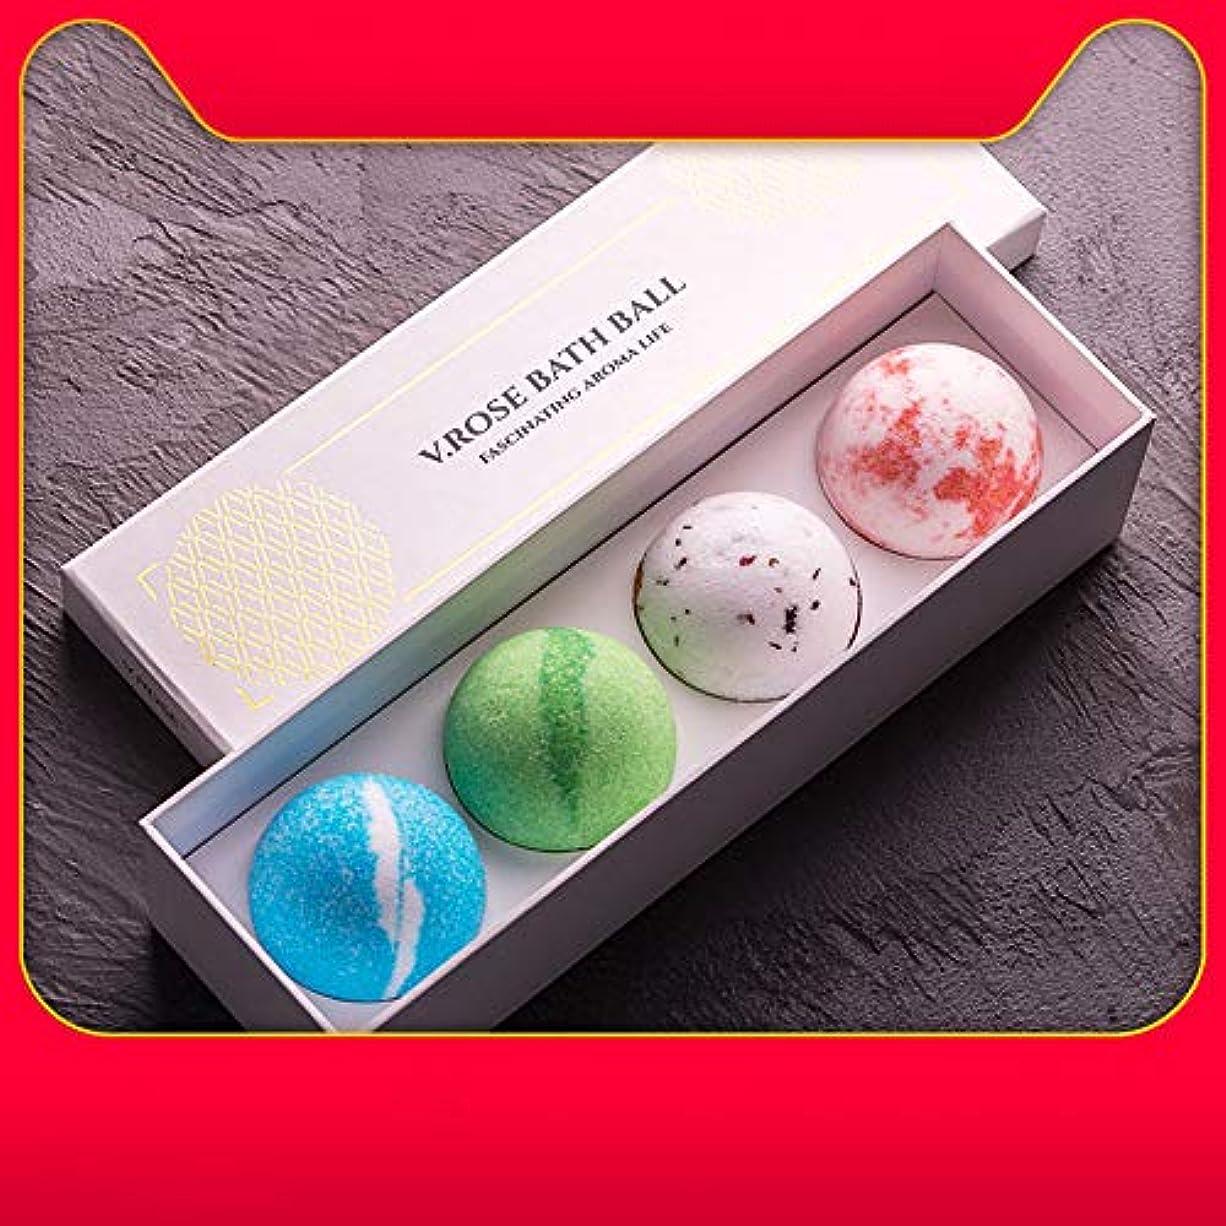 聡明メタルライン先行するバスボム 炭酸 入浴剤 ギフト 手作り お風呂用 4つの香りキット 天然素材 カラフル バスボール 母の日 結婚記念日 プレゼント